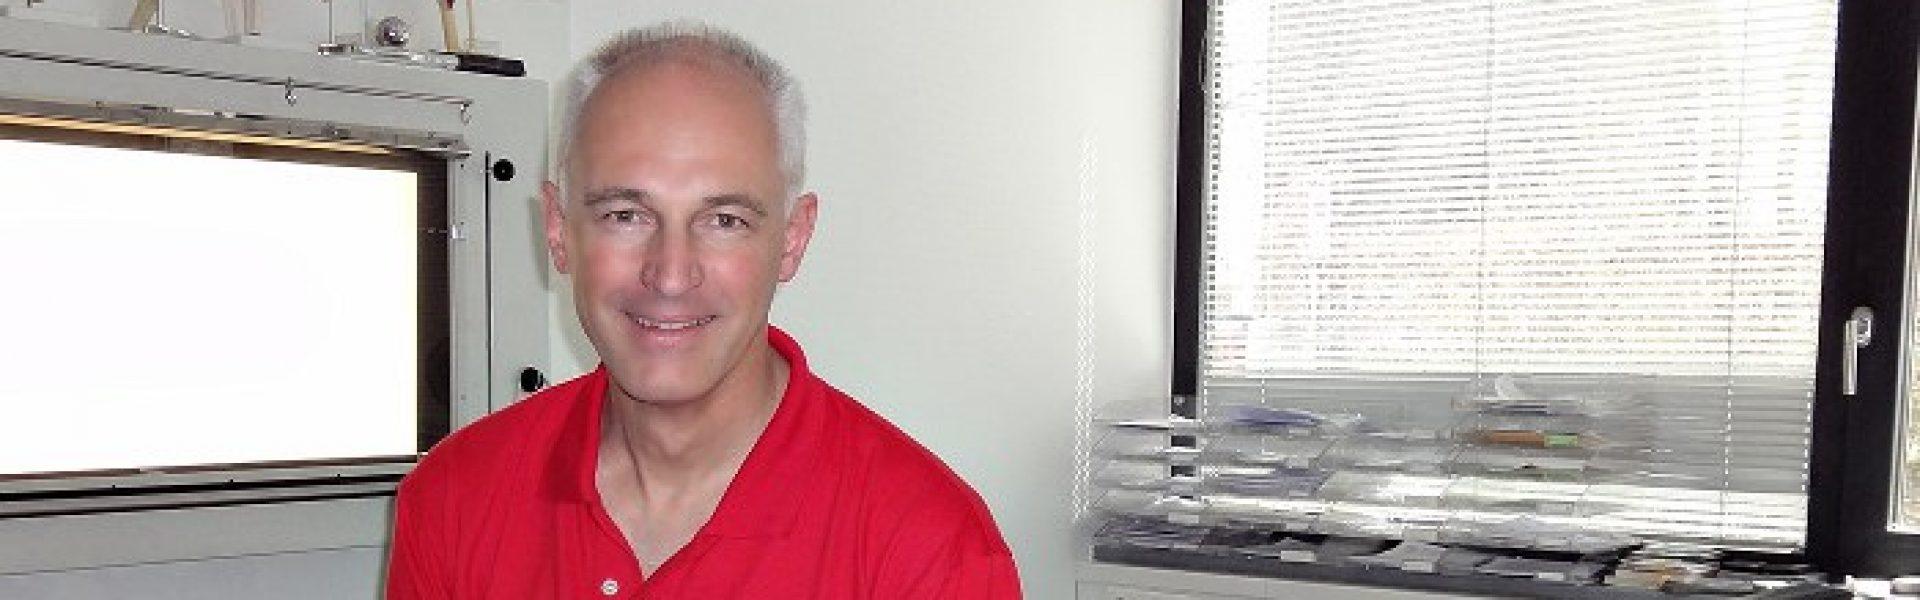 Ordination Dr. med. univ. Hannes Blaschke